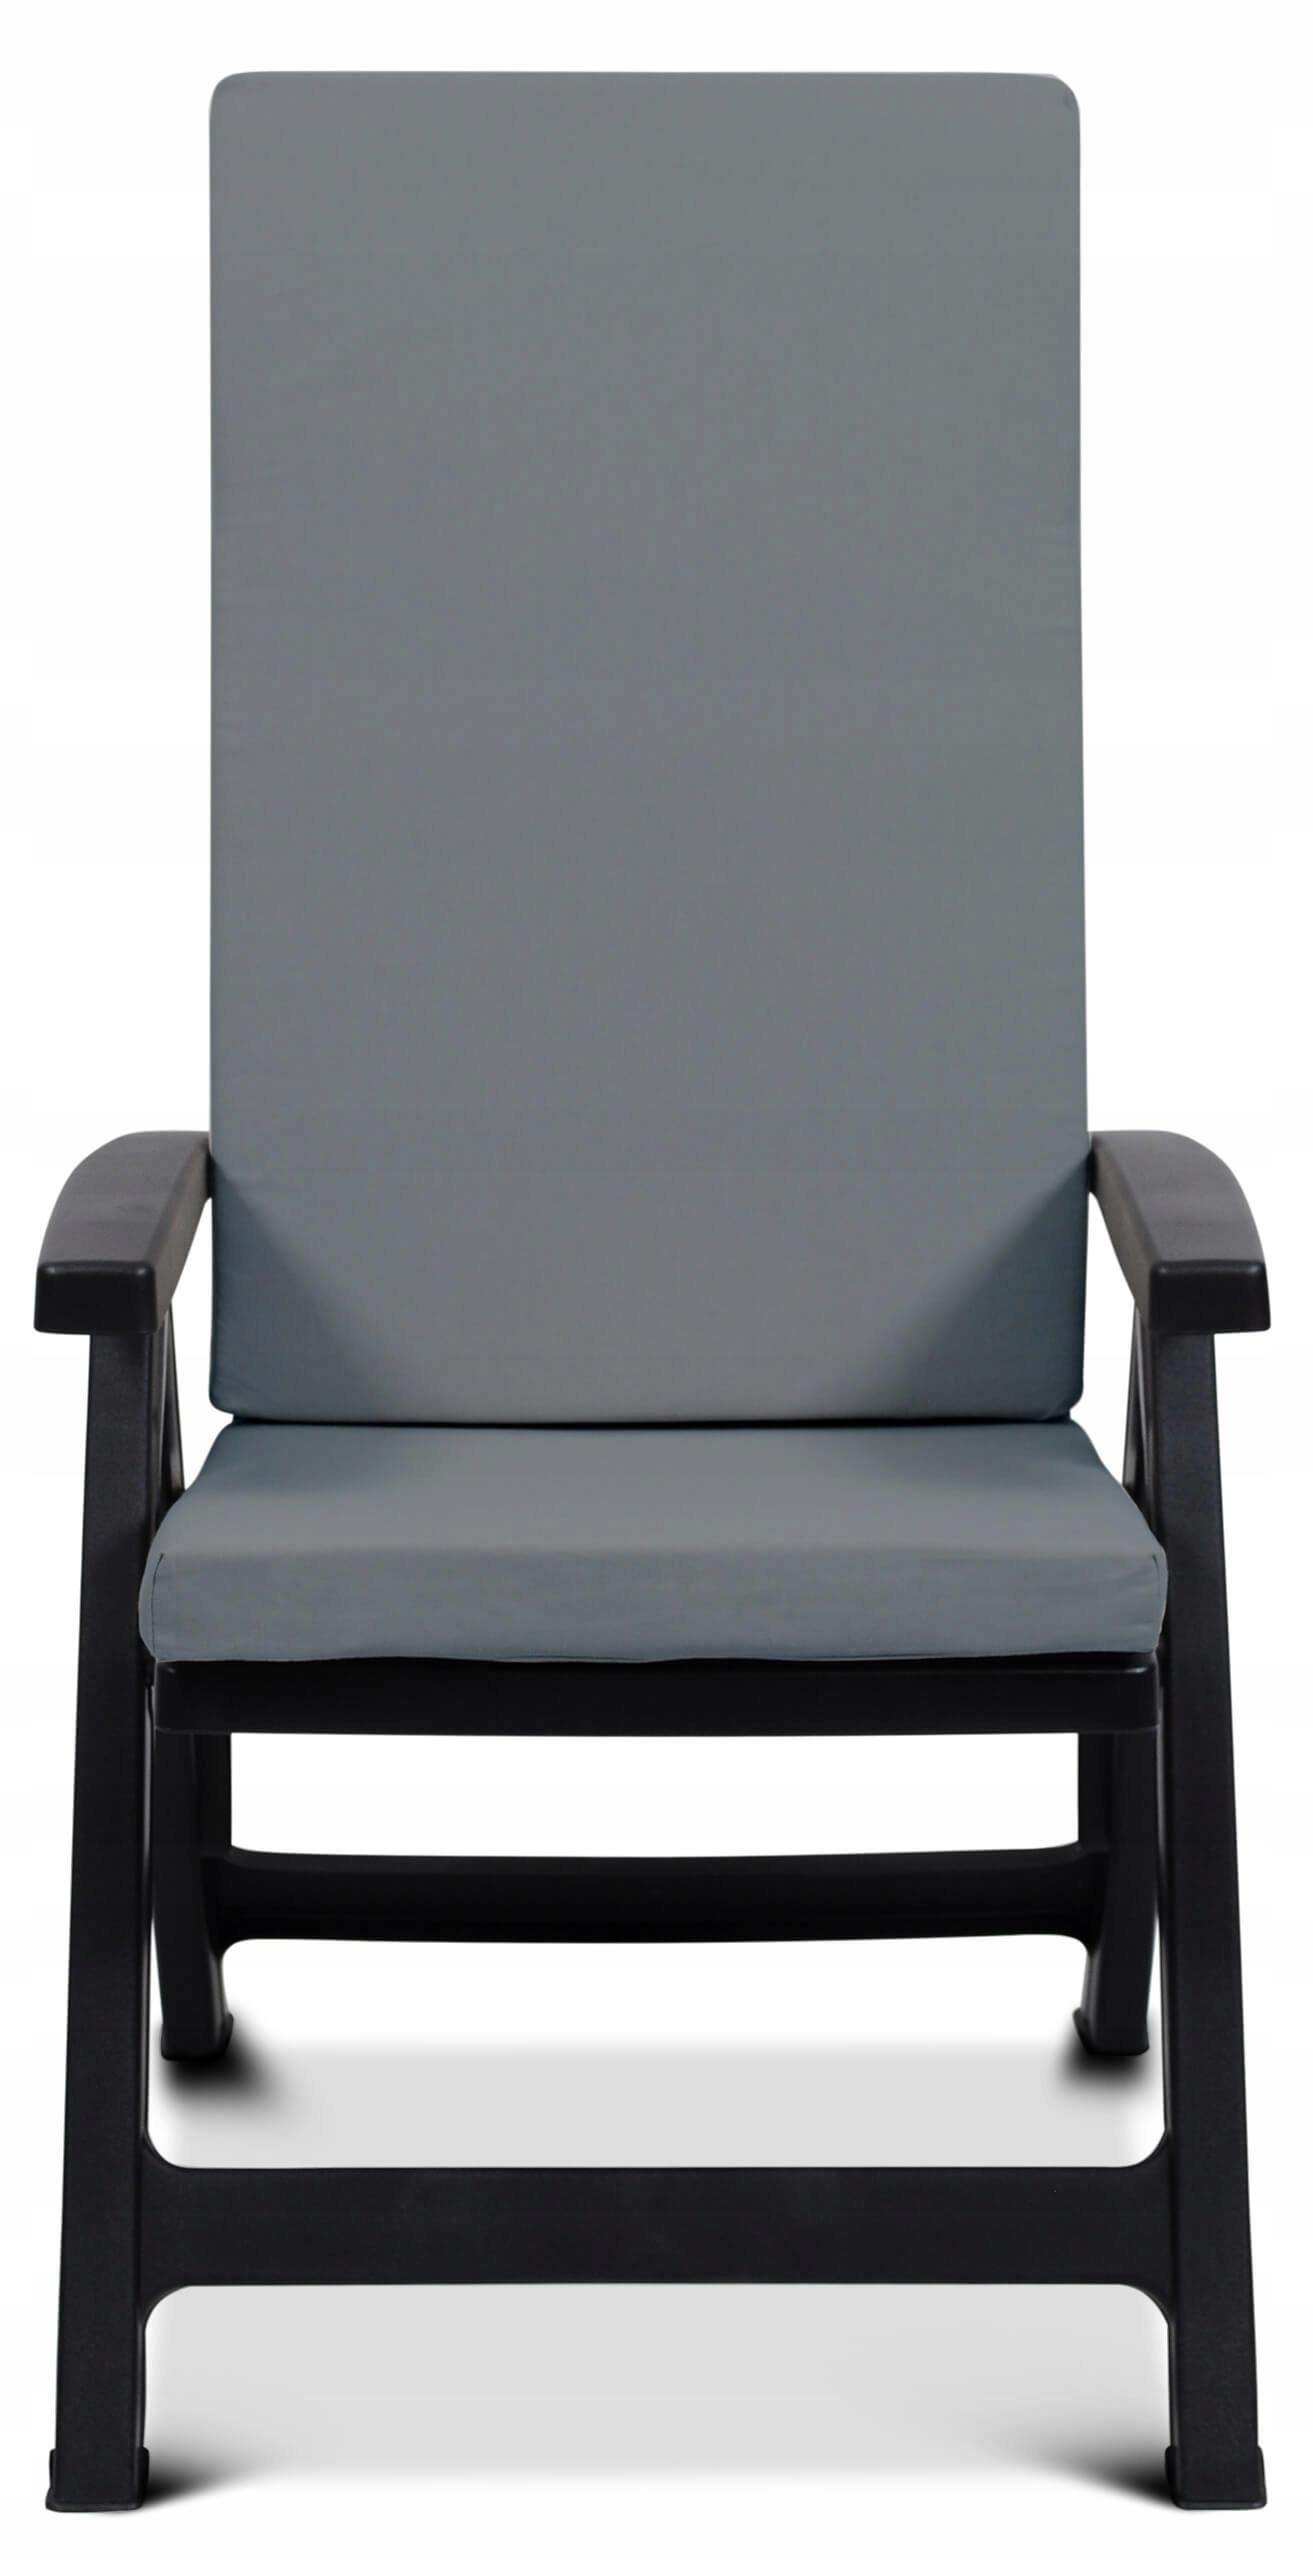 Подушка на детский стульчик MONTREAL серая S-23